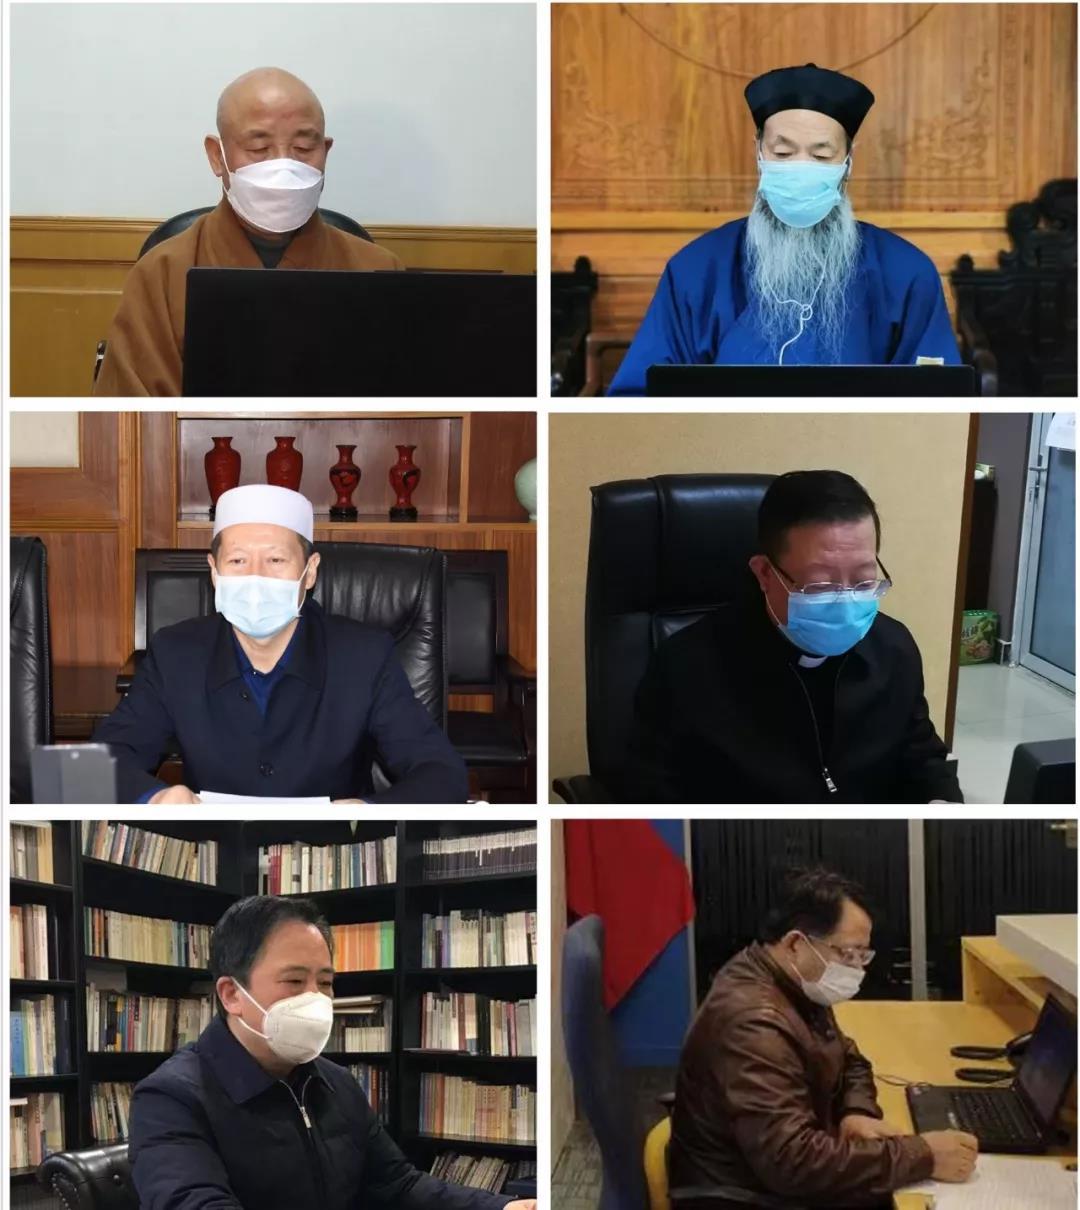 【关注】宗教领域疫情防控工作如何抓实抓细...